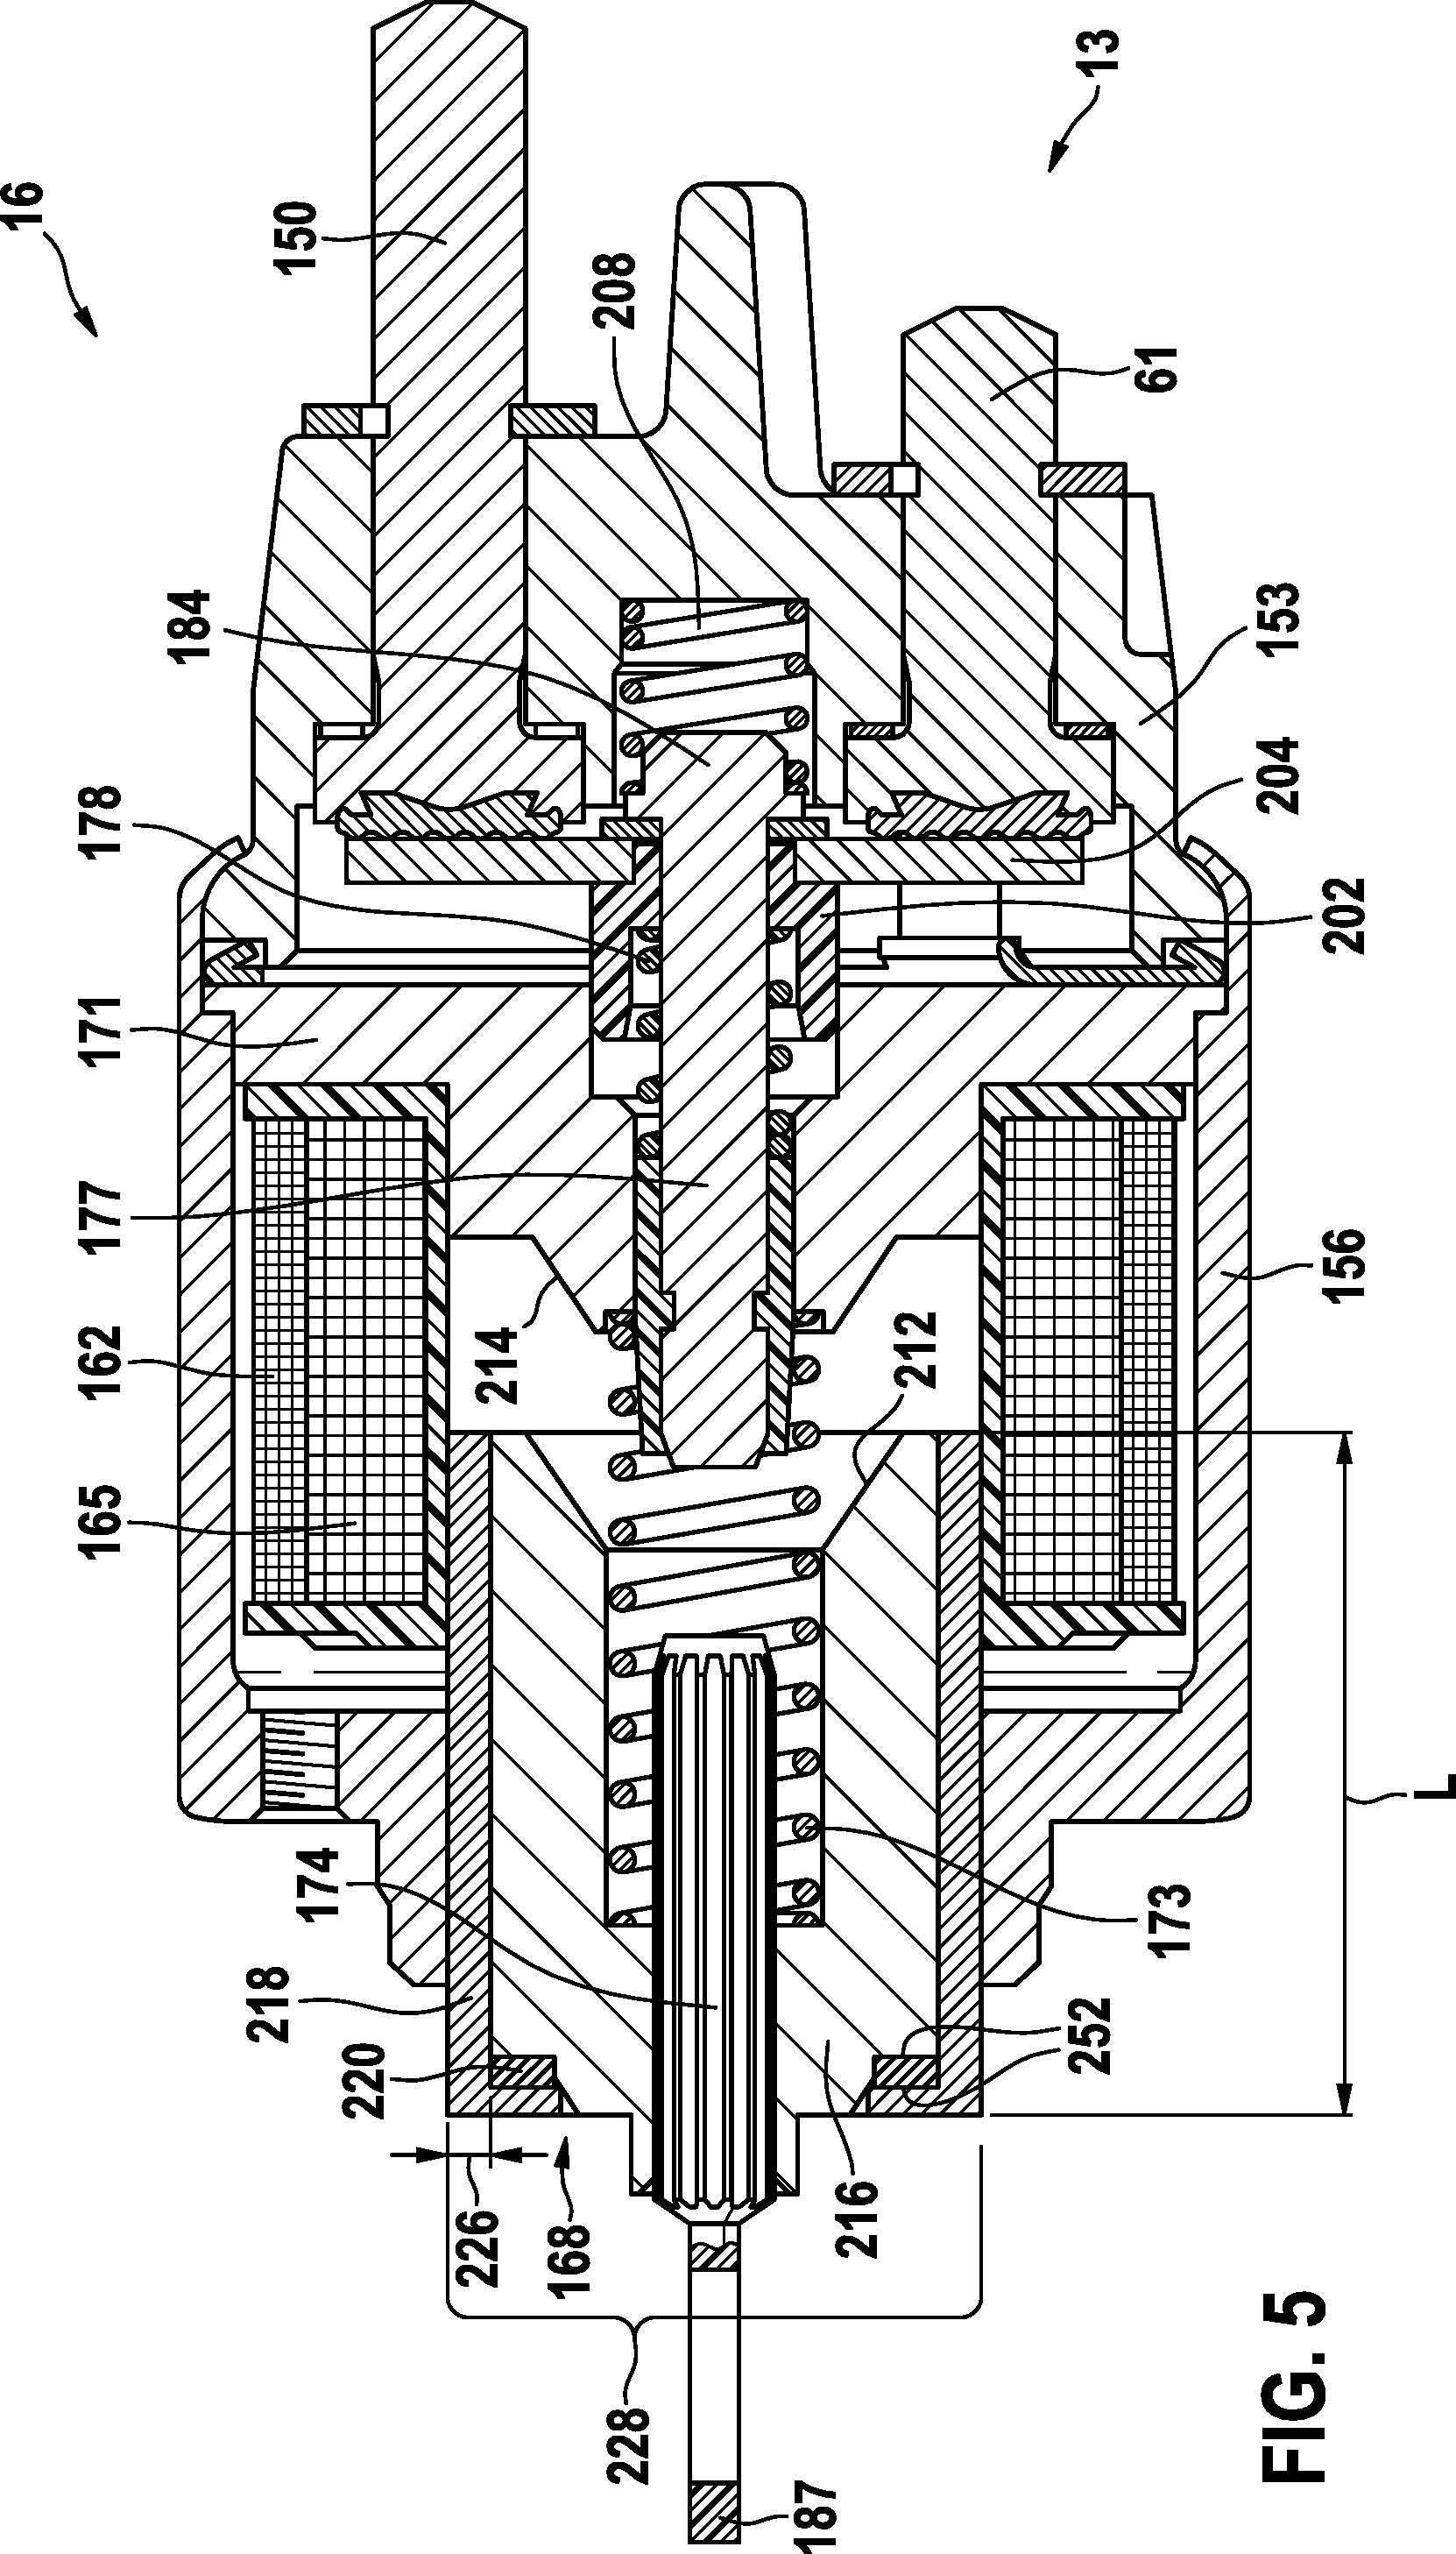 patent de102011078426a1